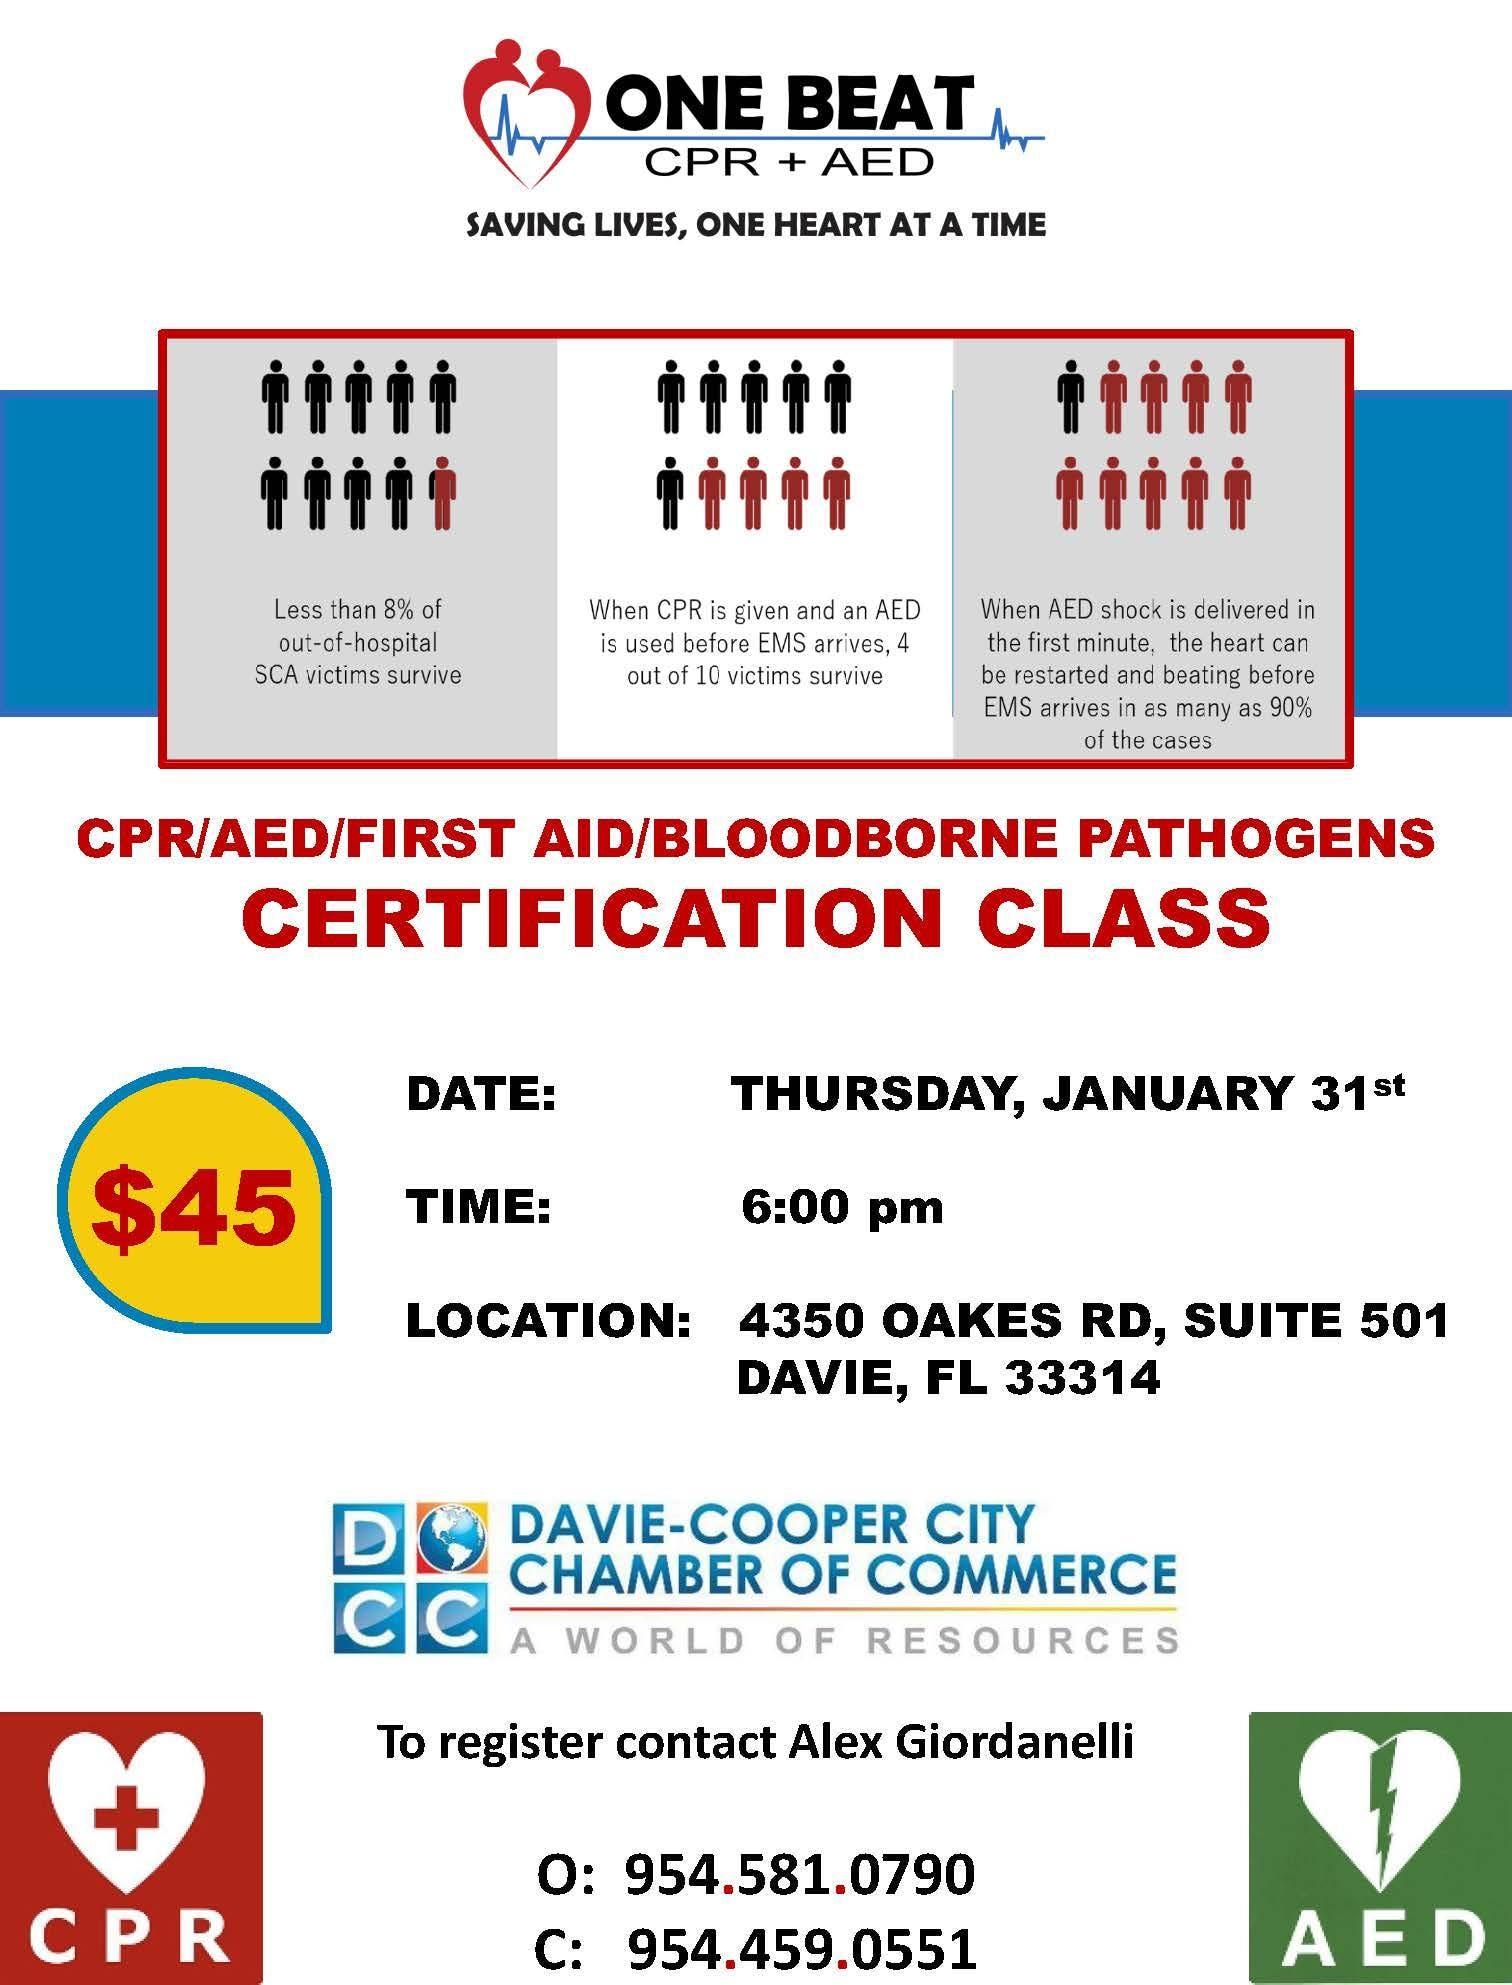 Cpraedfirst Aidbloodborne Pathogens Certification Class 31 Jan 2019